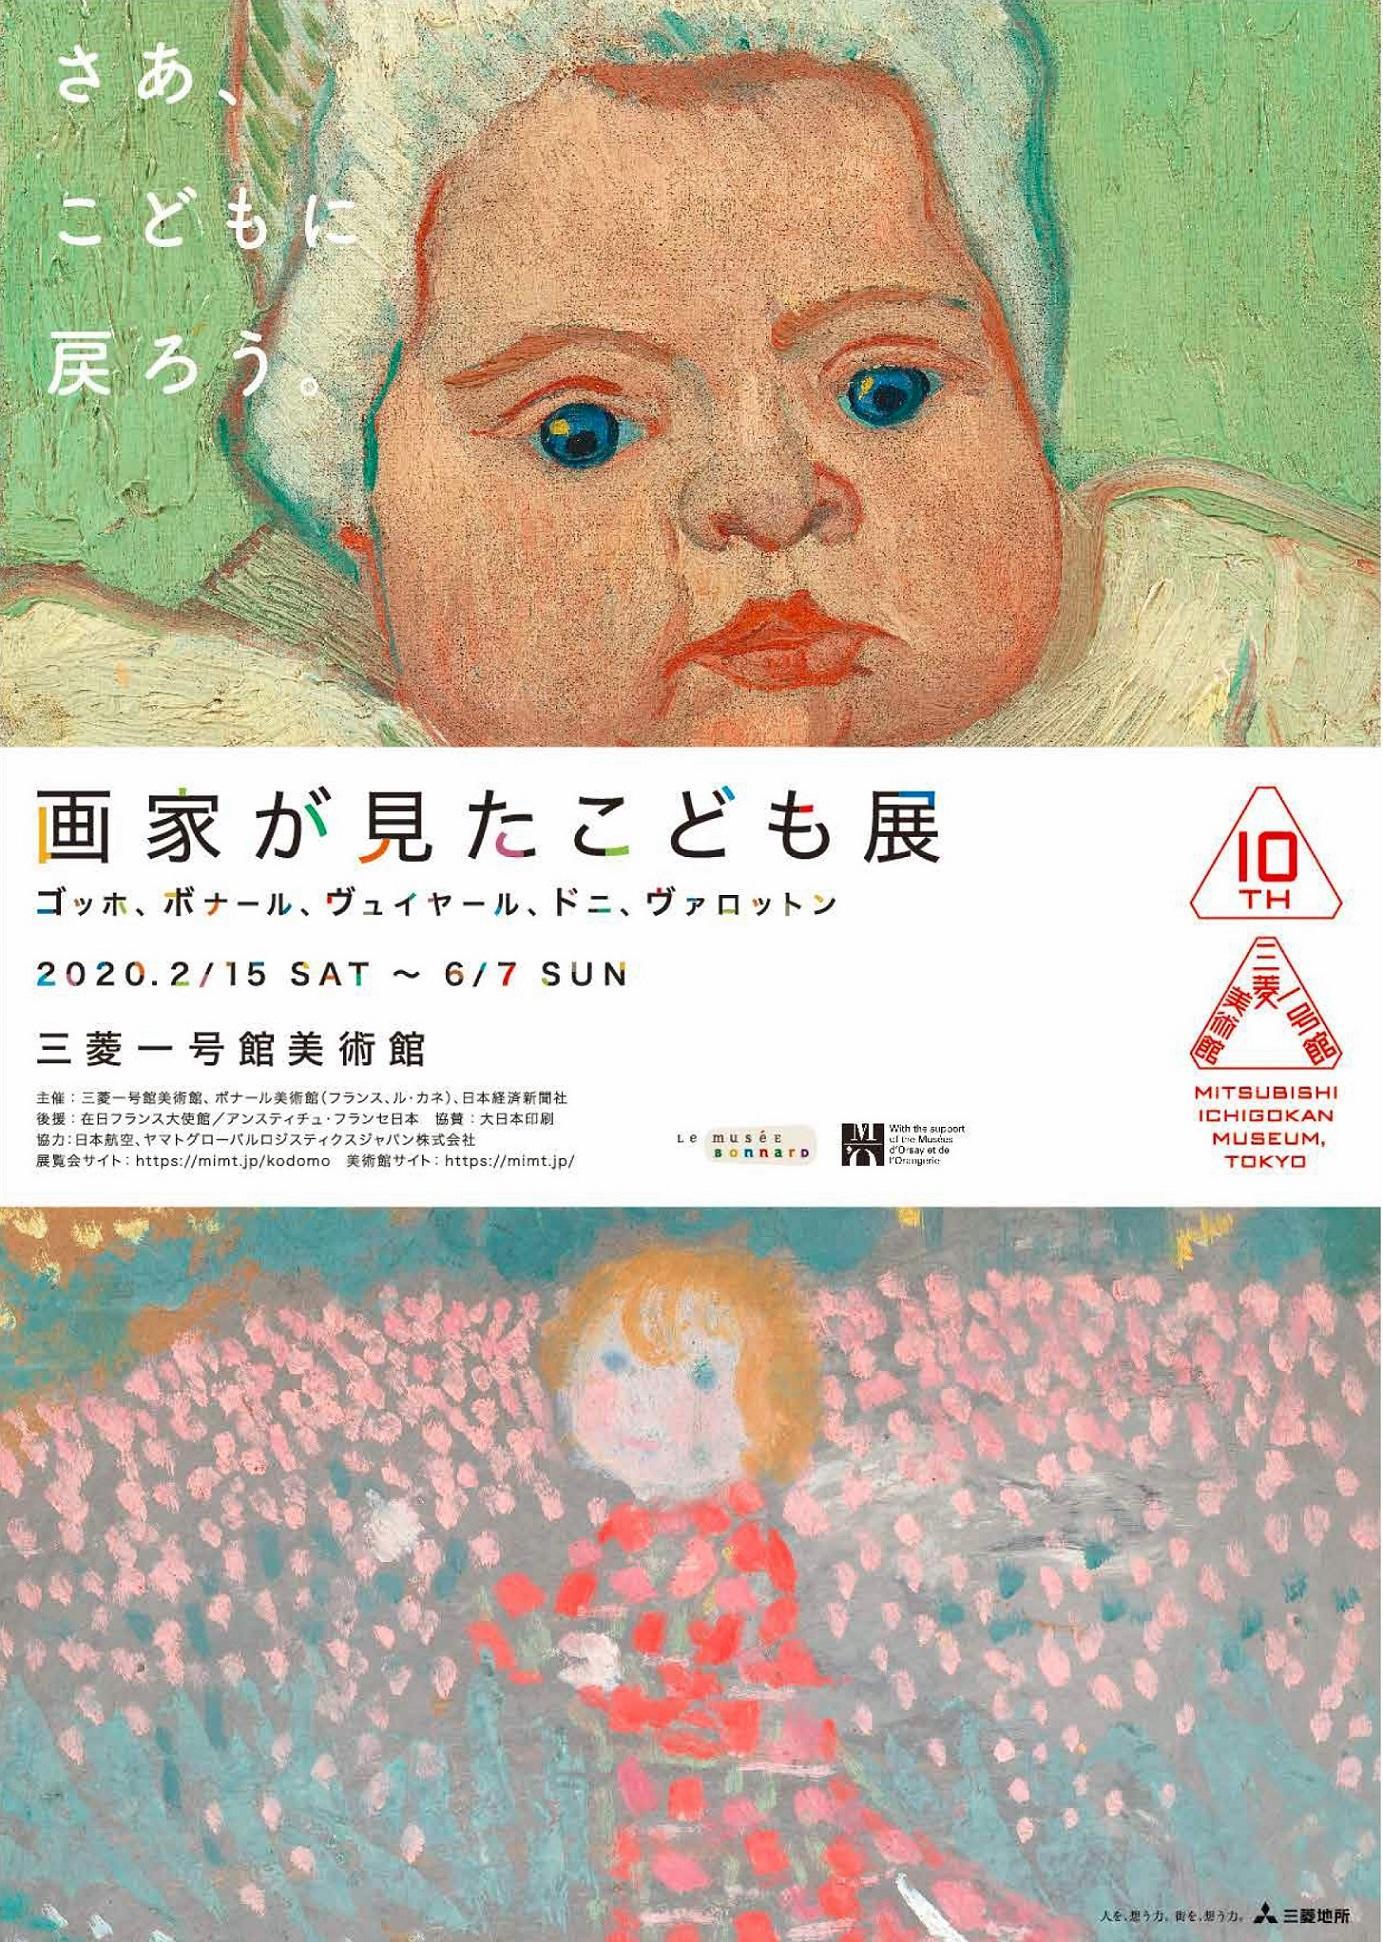 「開館10周年記念 画家が見たこども展 ゴッホ、ボナール、ヴュィヤール、ドニ、ヴァロットン」招待券